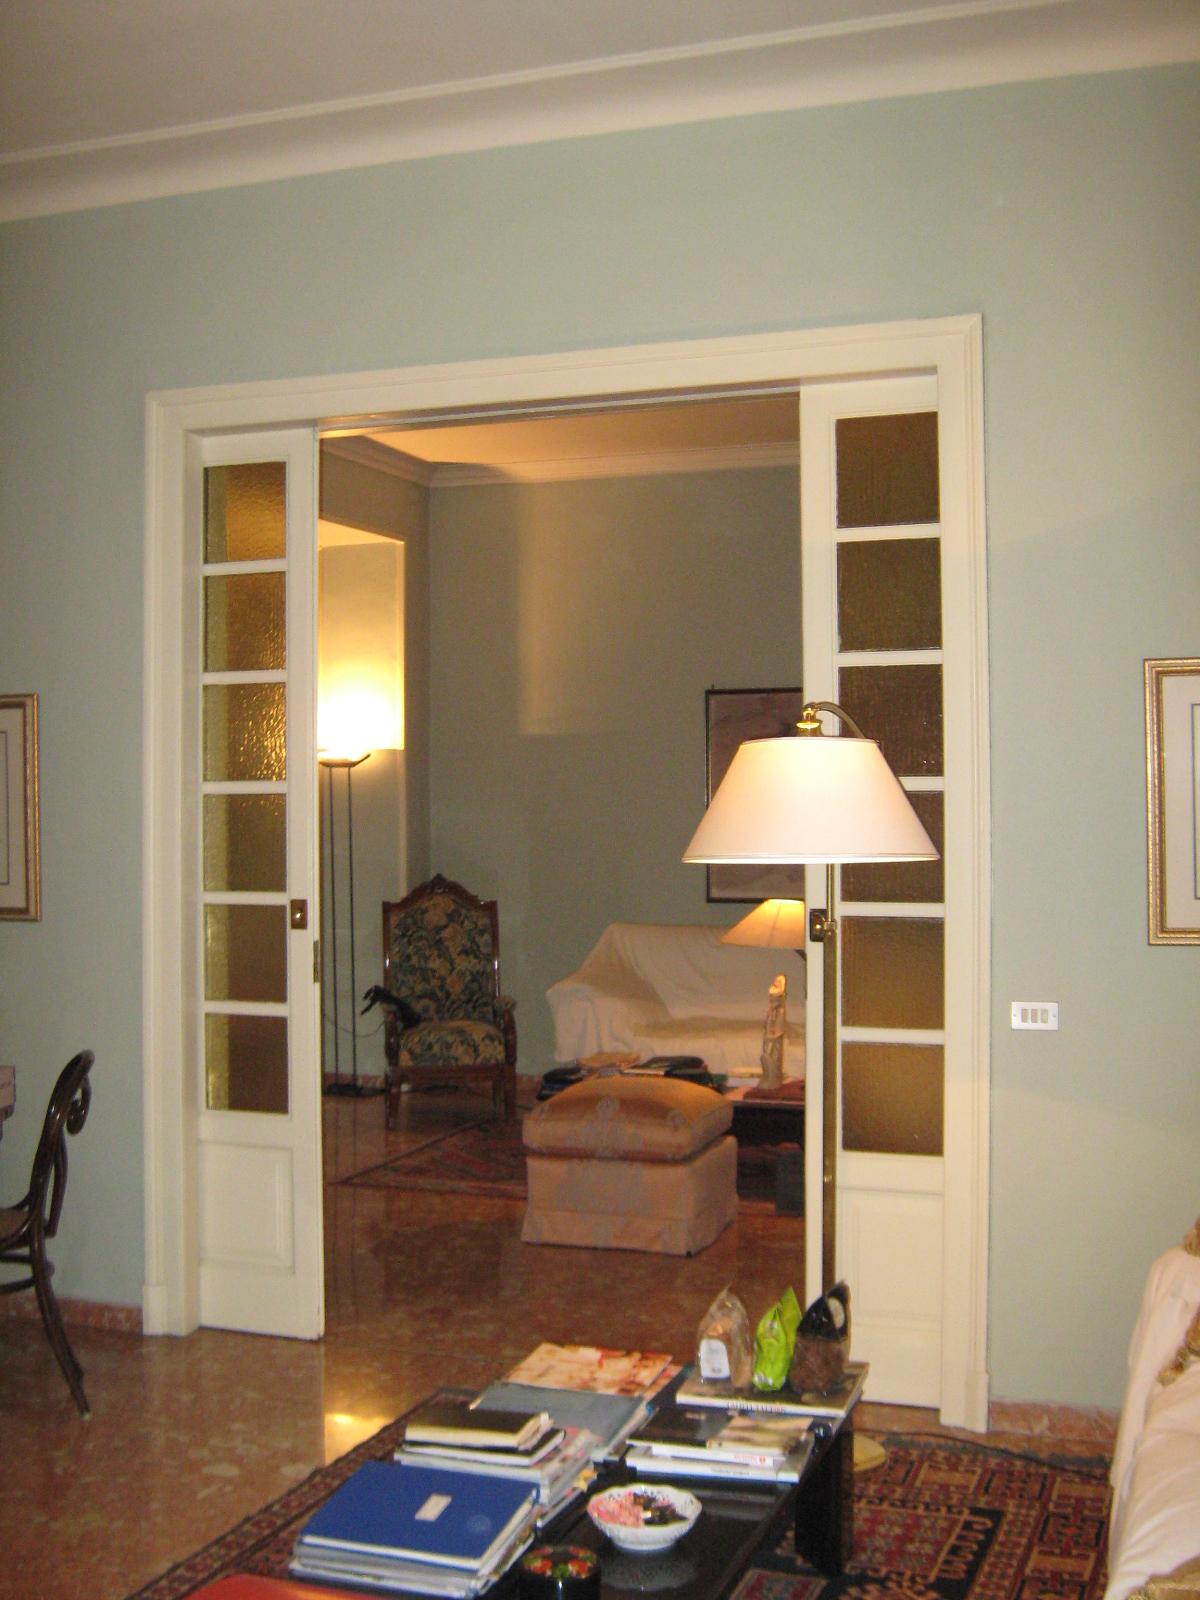 3. Alloggio interno zona giorno con pavimento rivestito in lastre di marmo rosa, serramenti in vetro e legno laccato: stato di fatto.